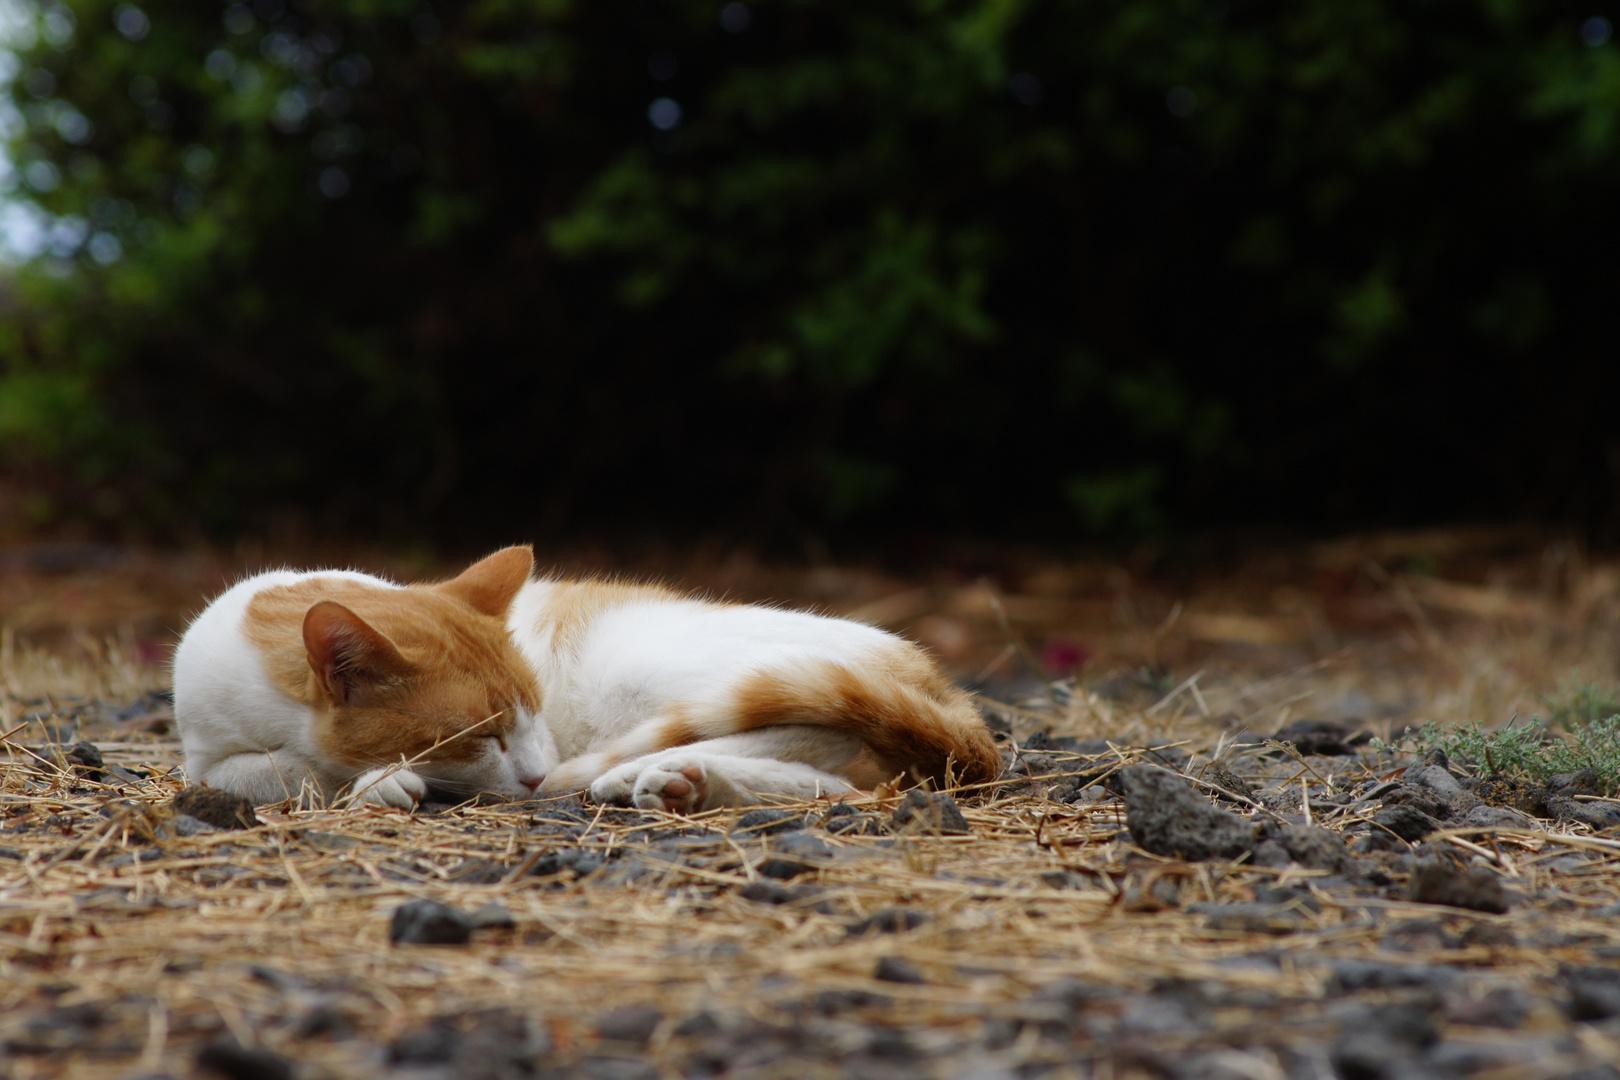 Nach der Jagd will der Tiger ruhen